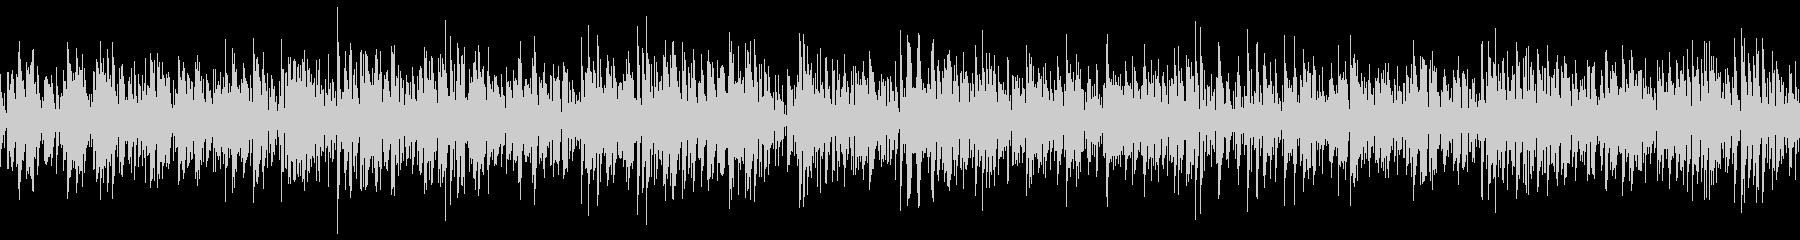 3分29秒のループ化ファイルです。の未再生の波形